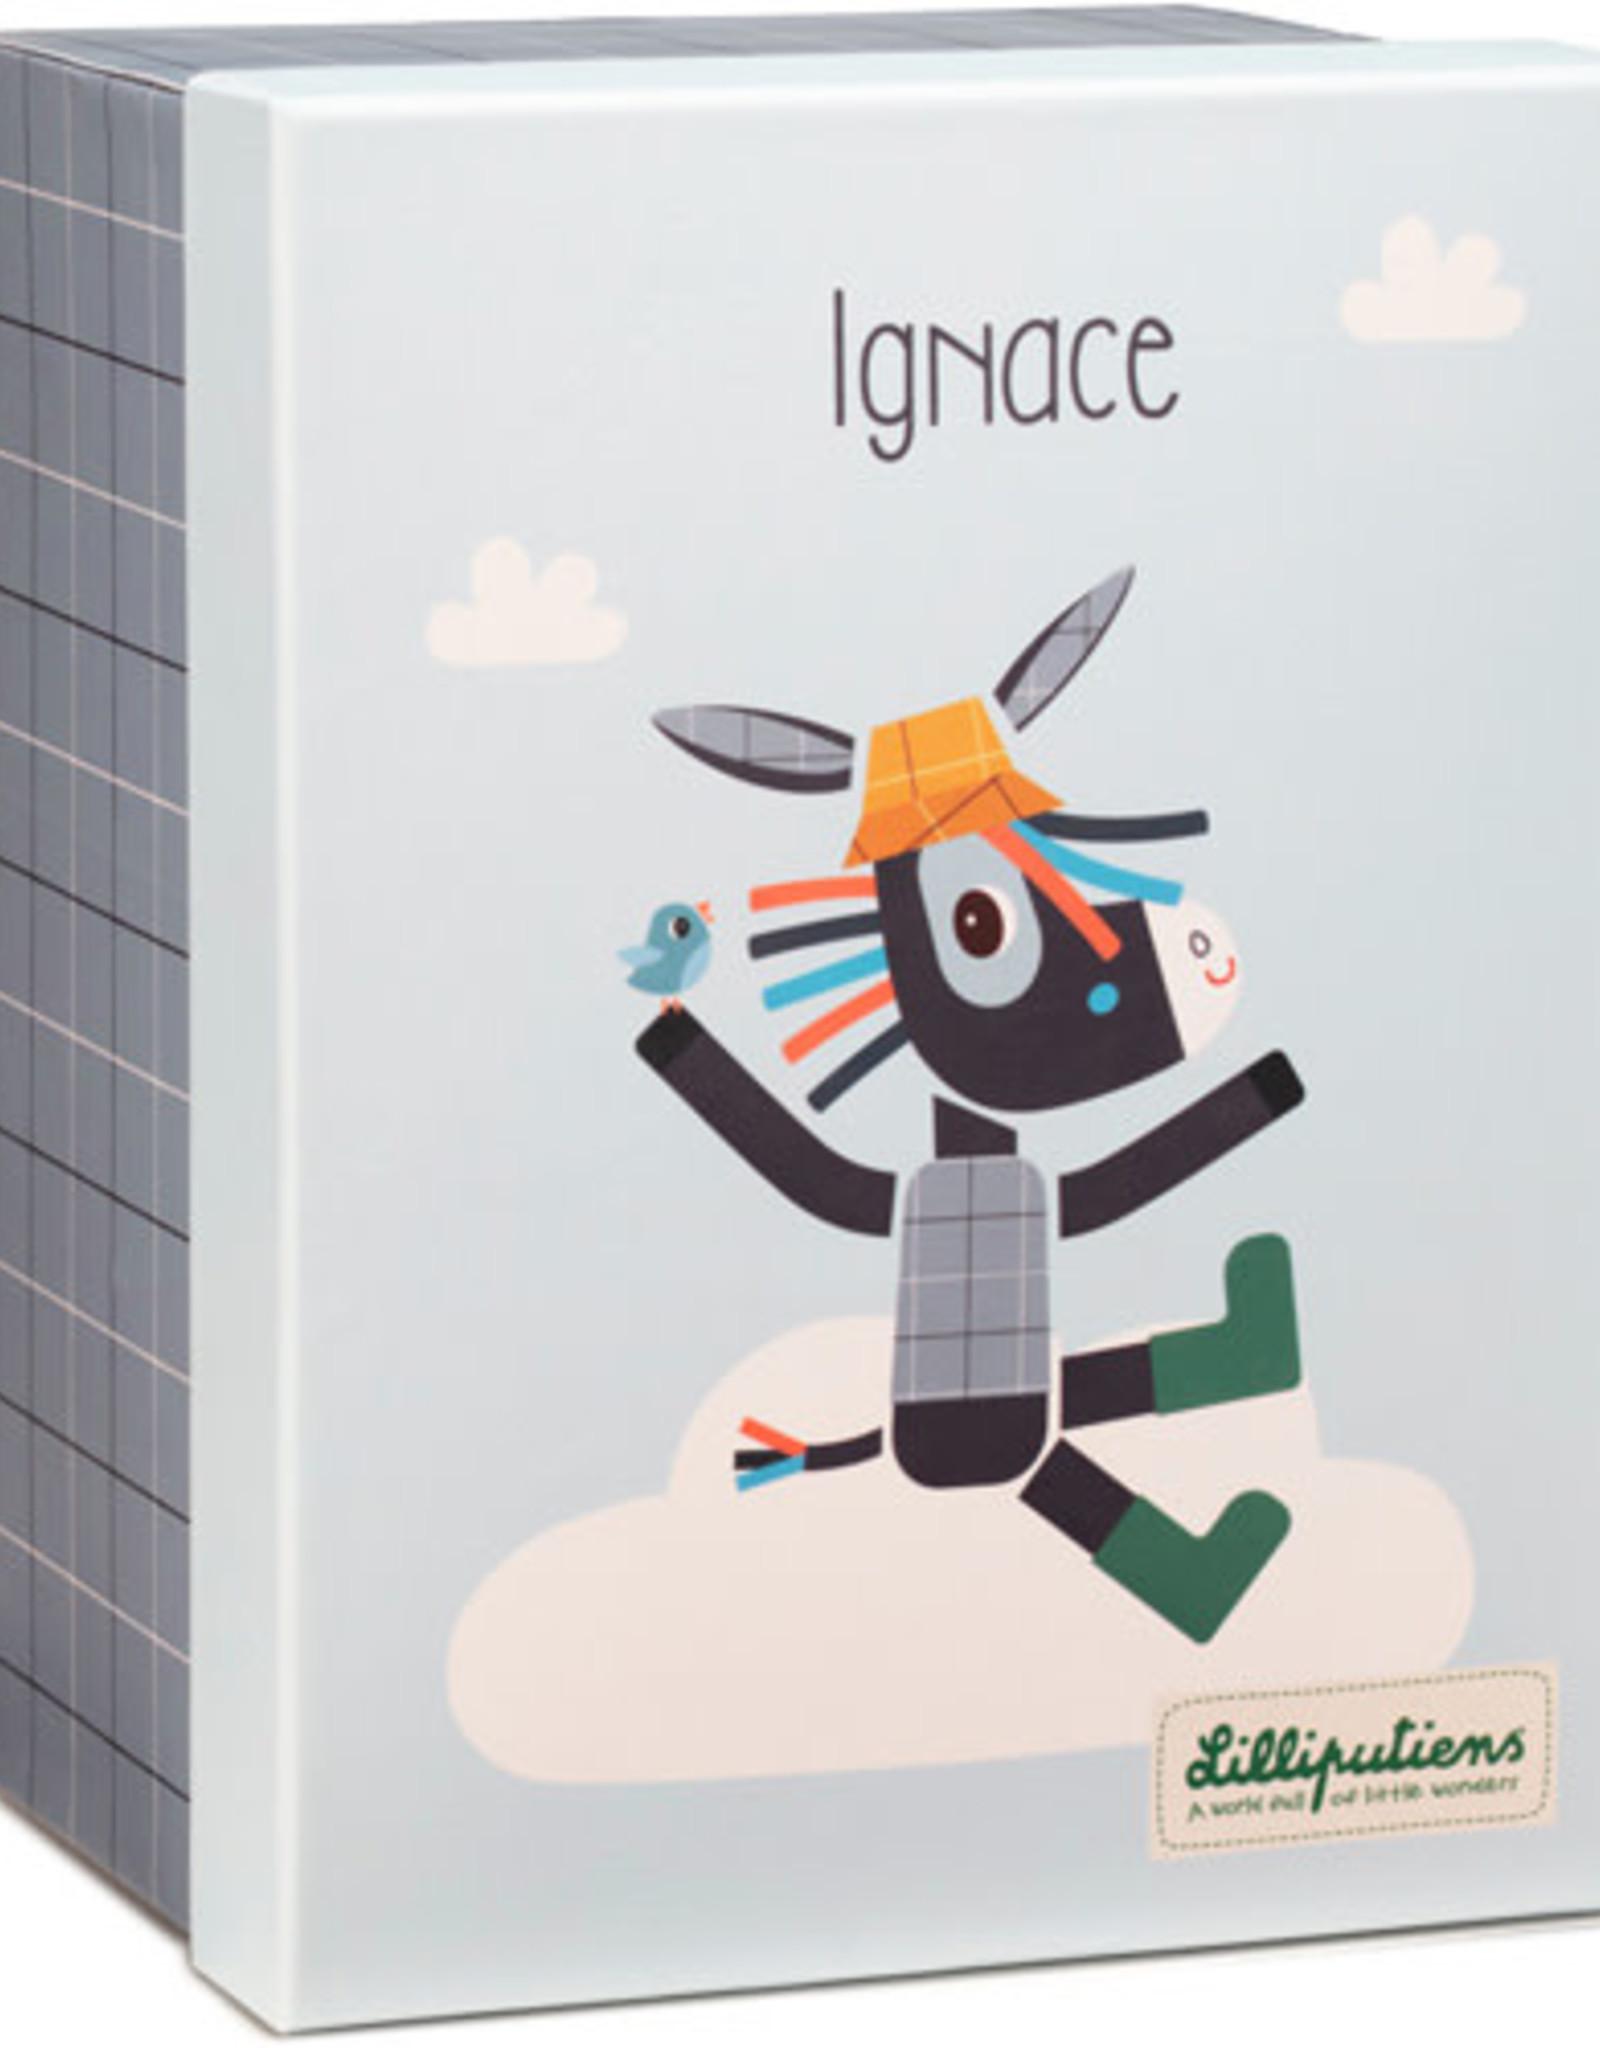 Lilliputiens Knuffel Ignace Organic